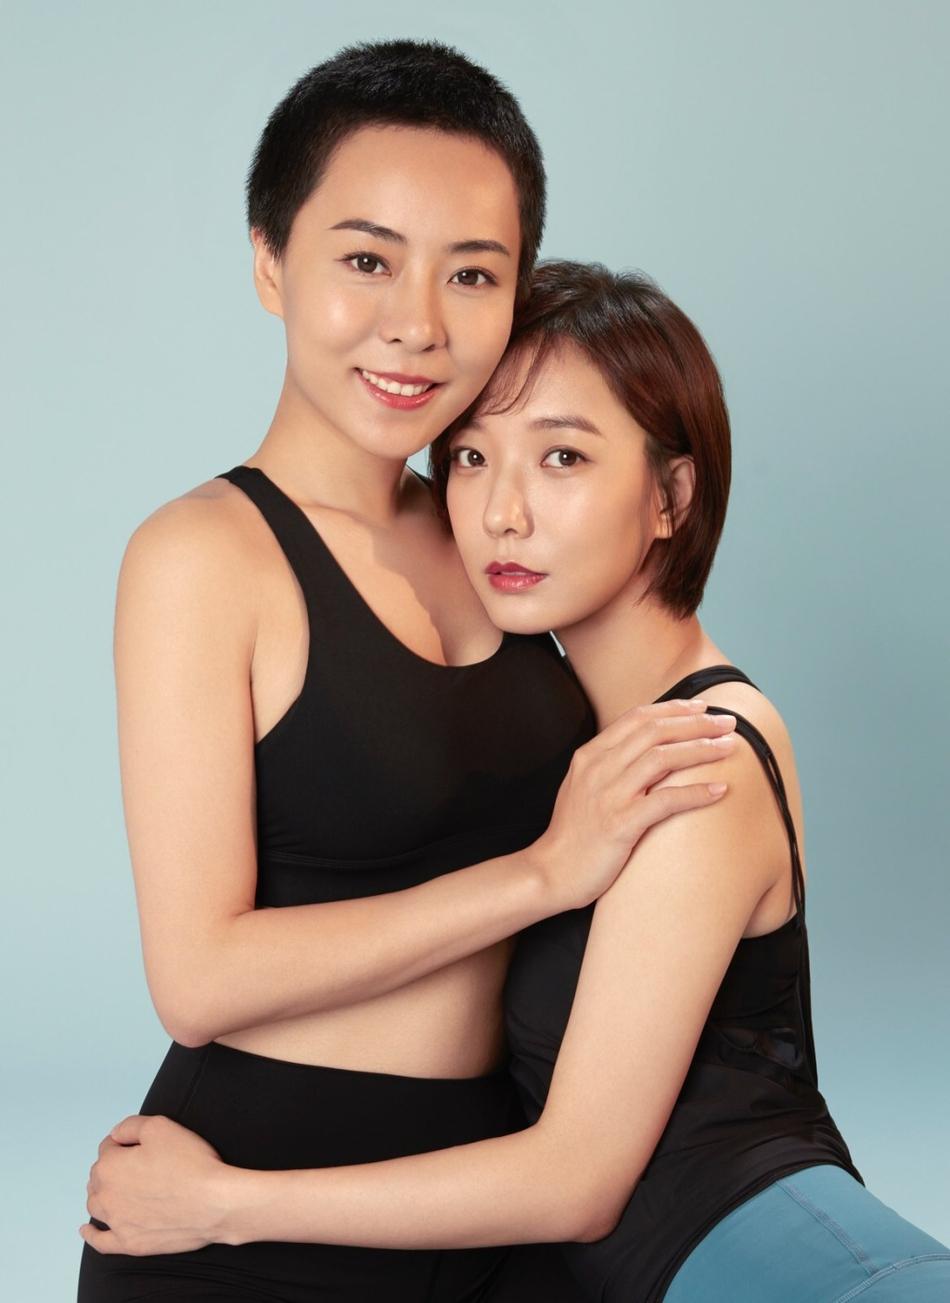 王珞丹与姐姐登封摆瑜伽Pose 姐姐蛮腰翘臀好身材吸睛